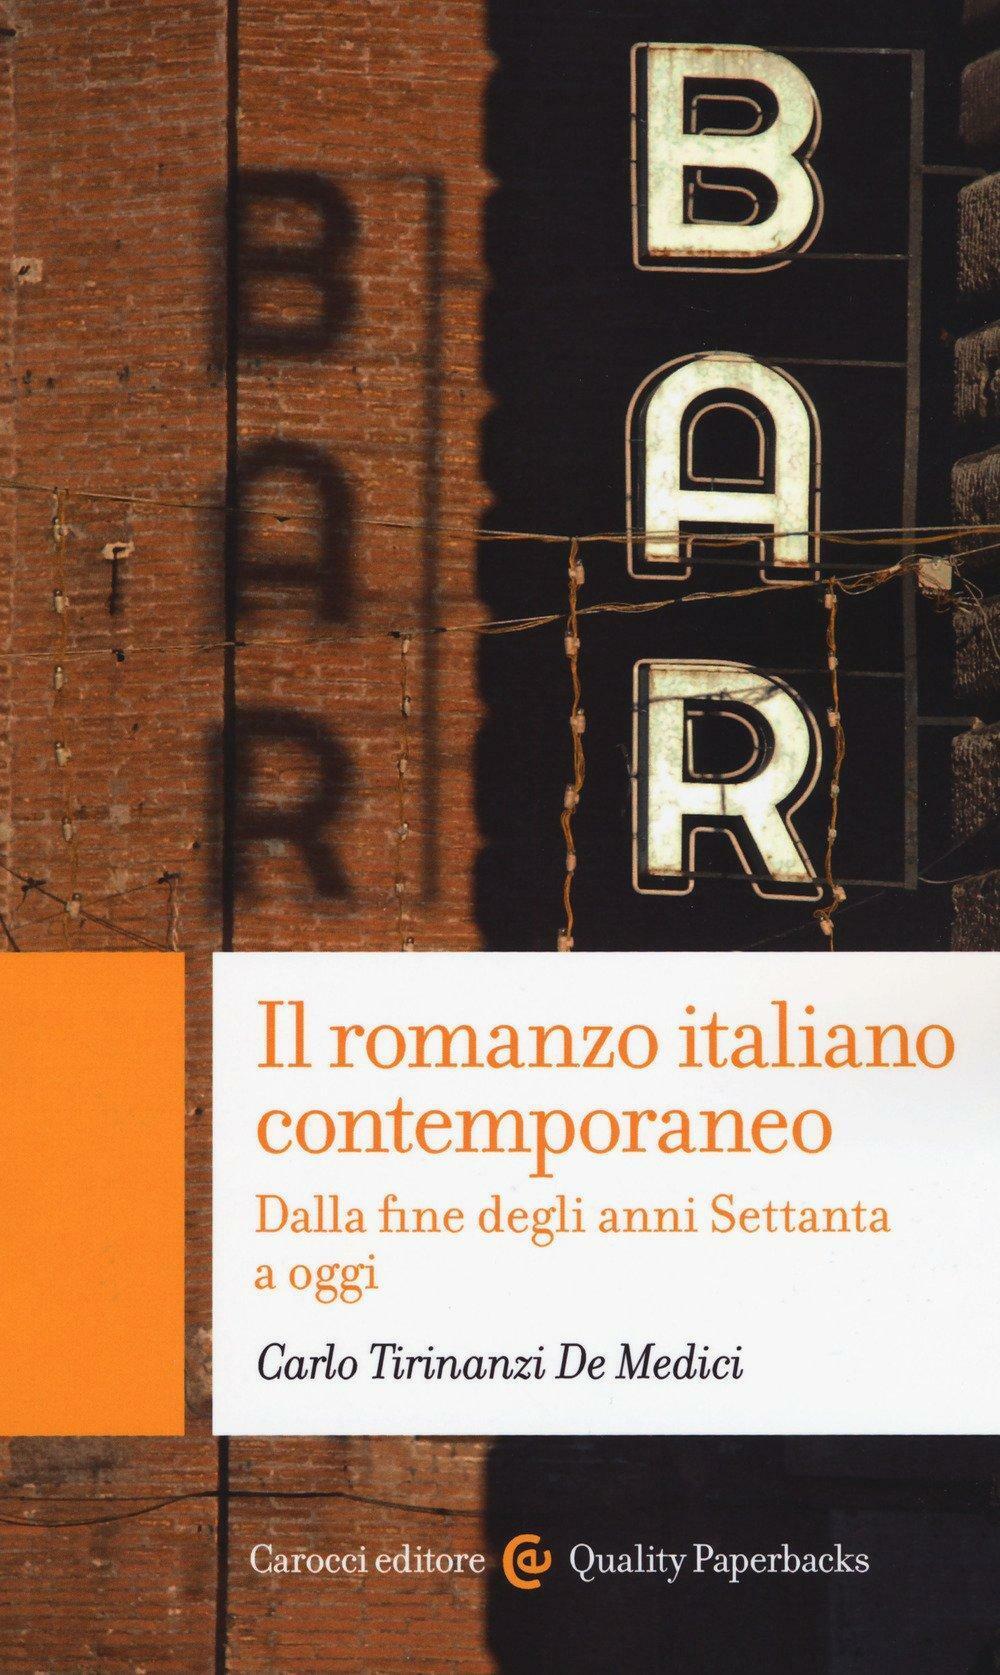 Leconomia italiana del nuovo millennio (Quality paperbacks) (Italian Edition)